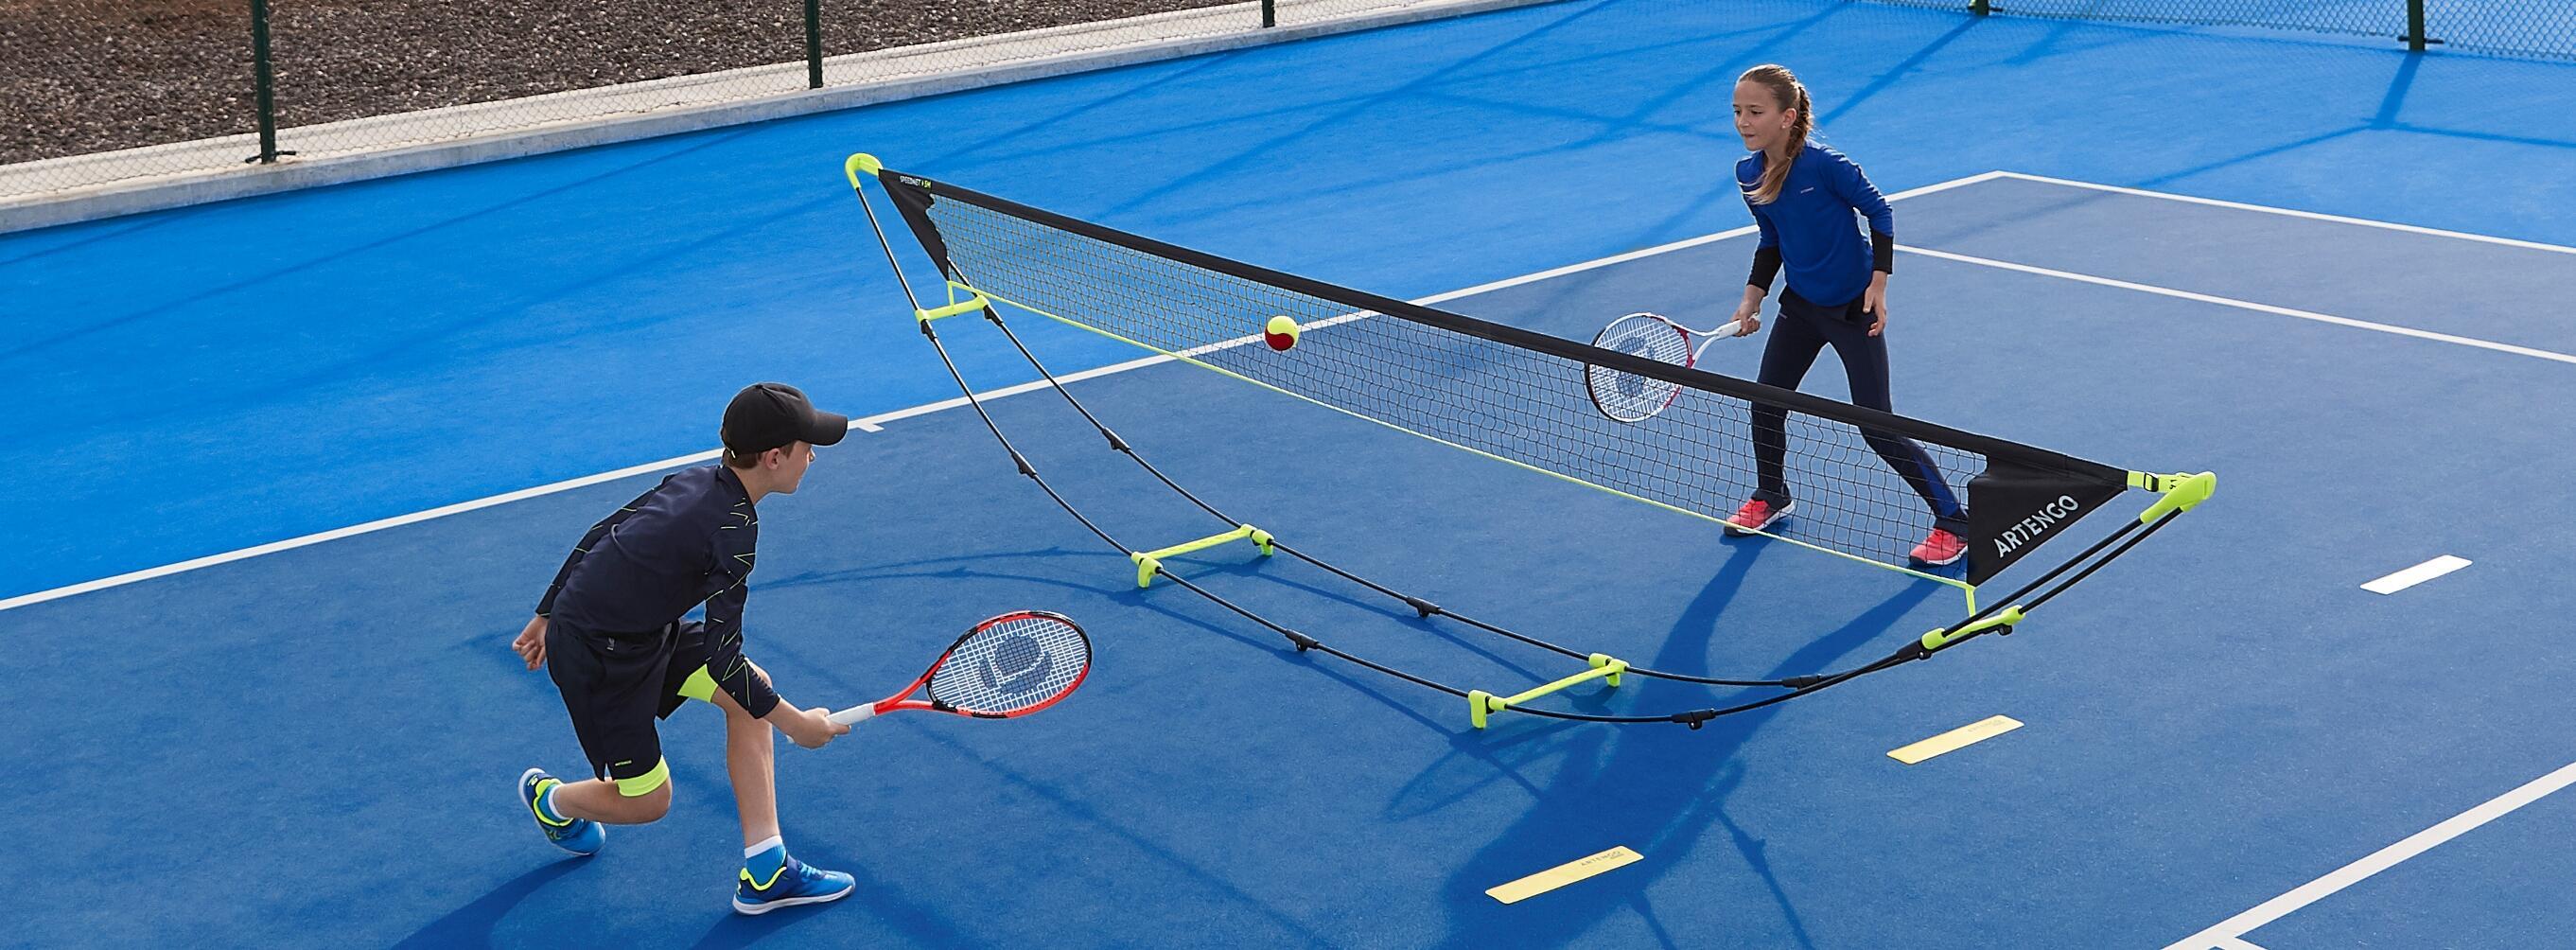 équipement de tennis pour club